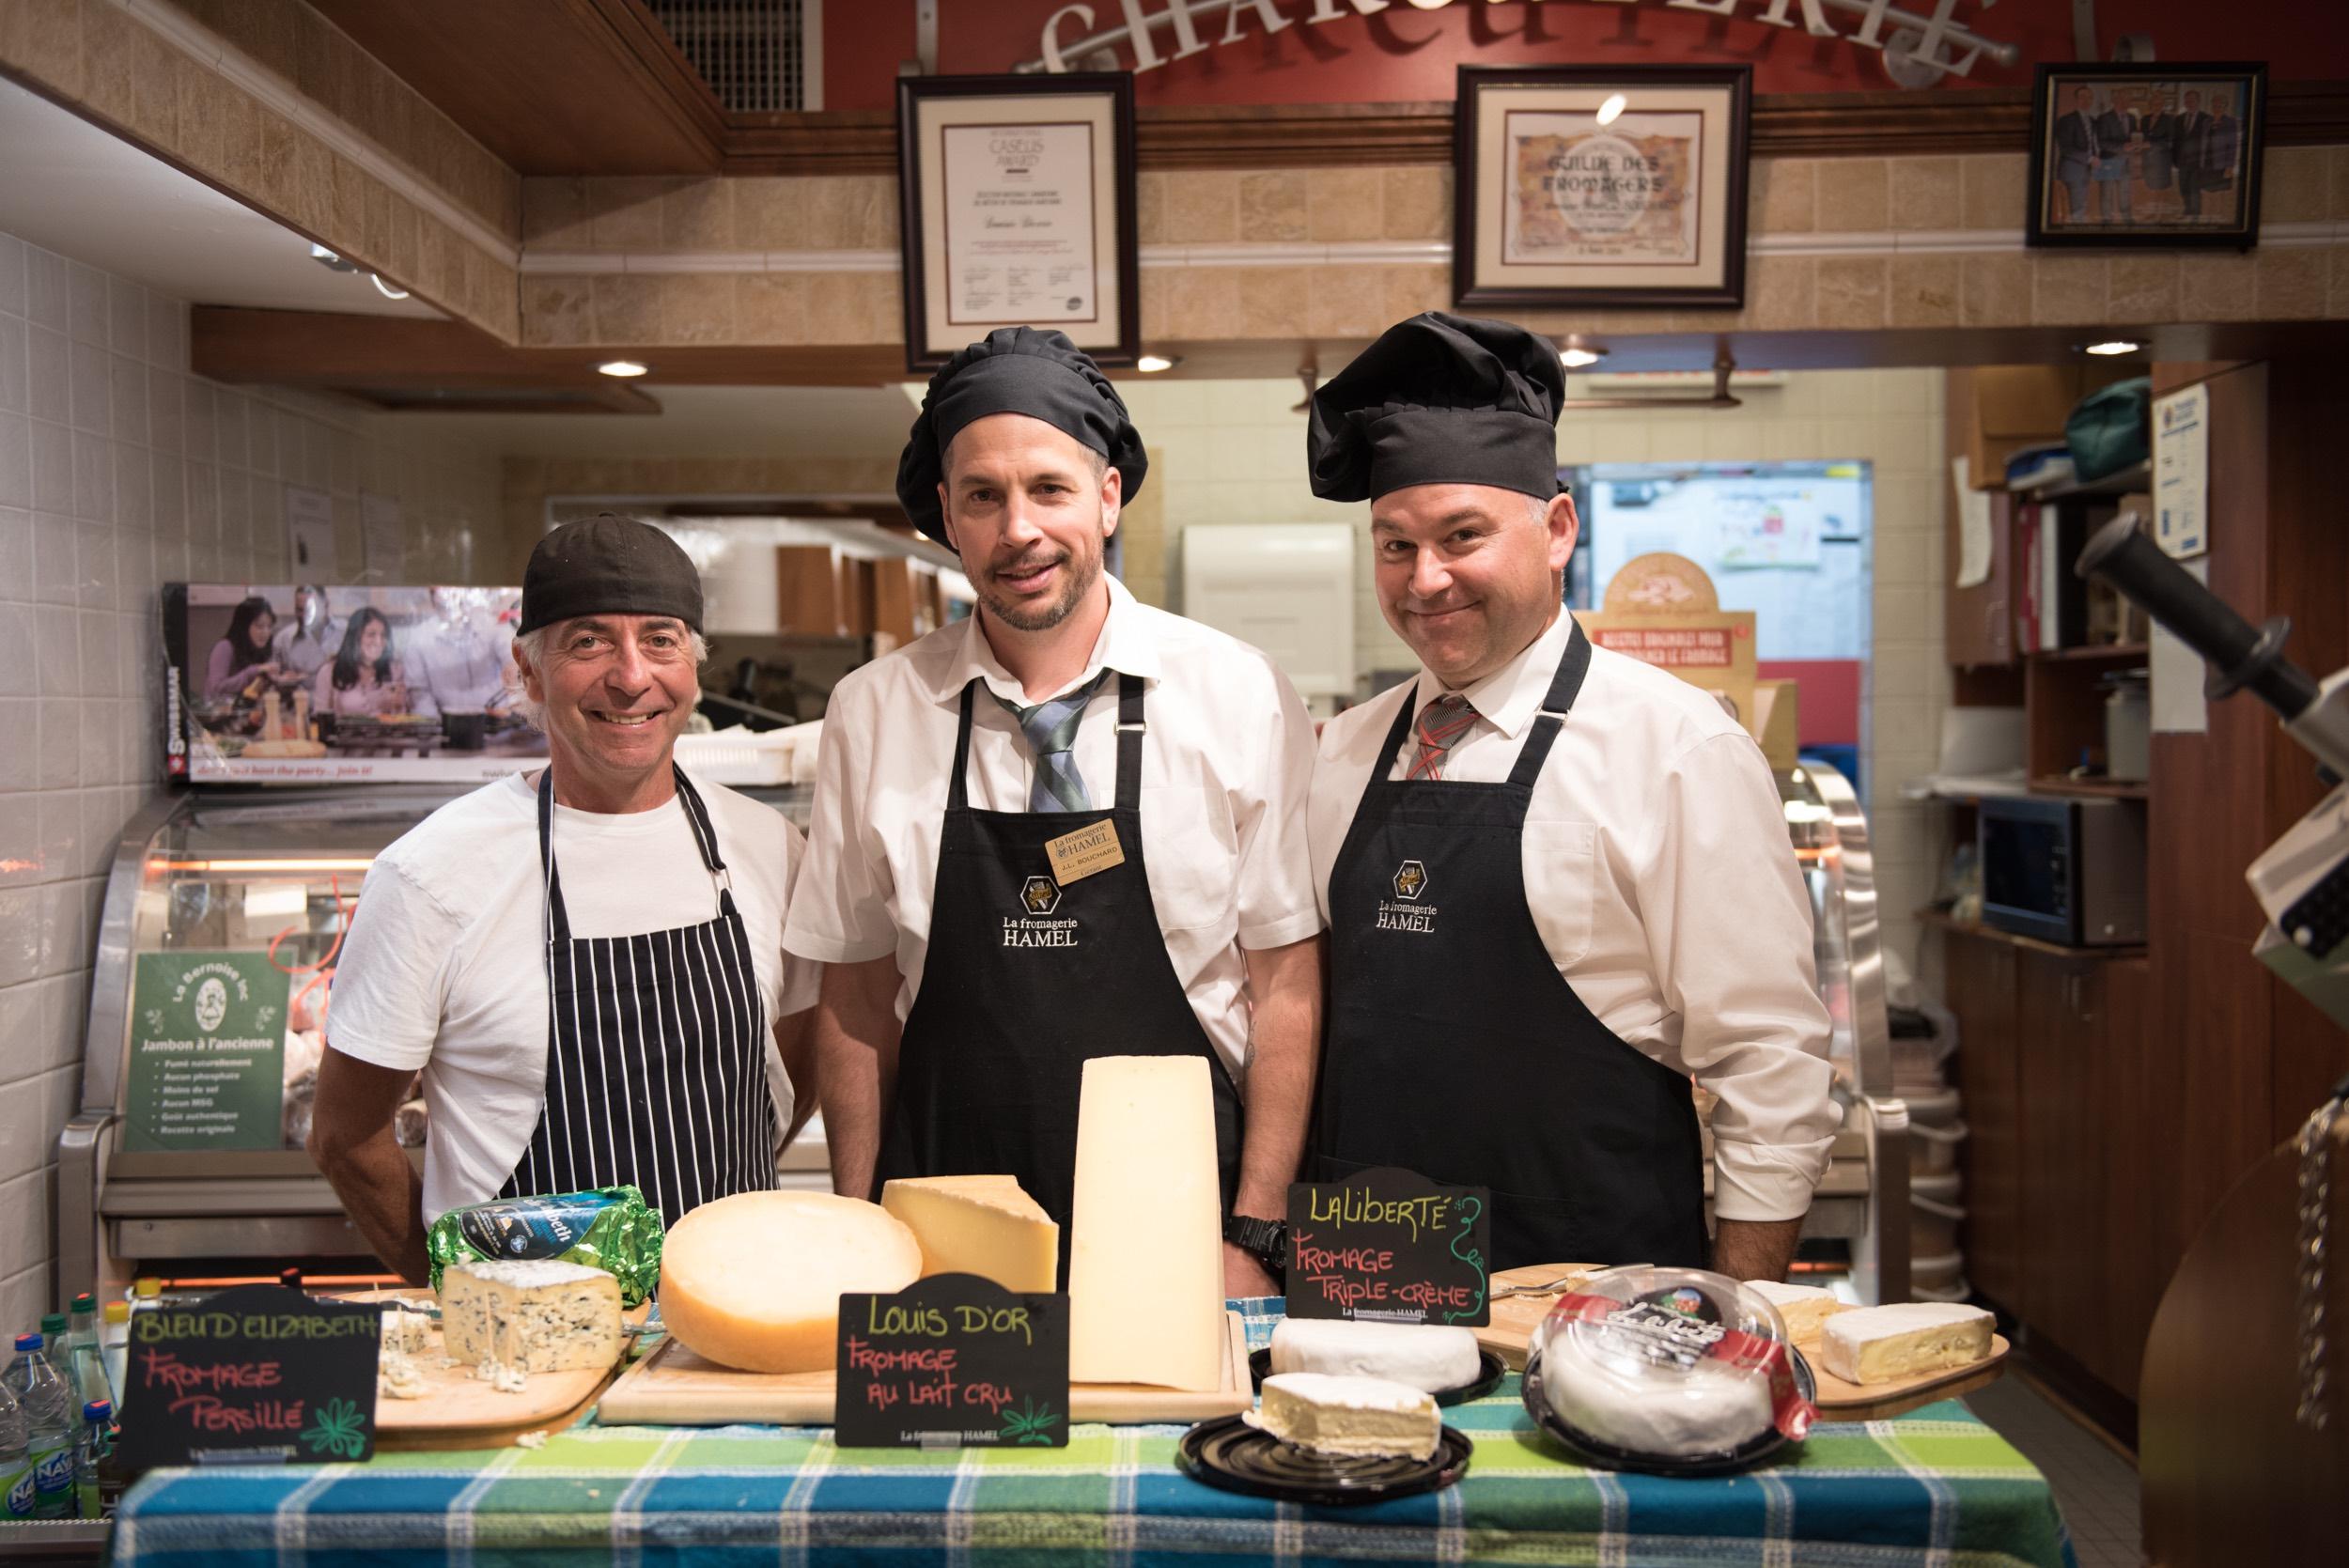 Ce week-end aura lieu un gros festival de bouffe sur Mont-Royal!